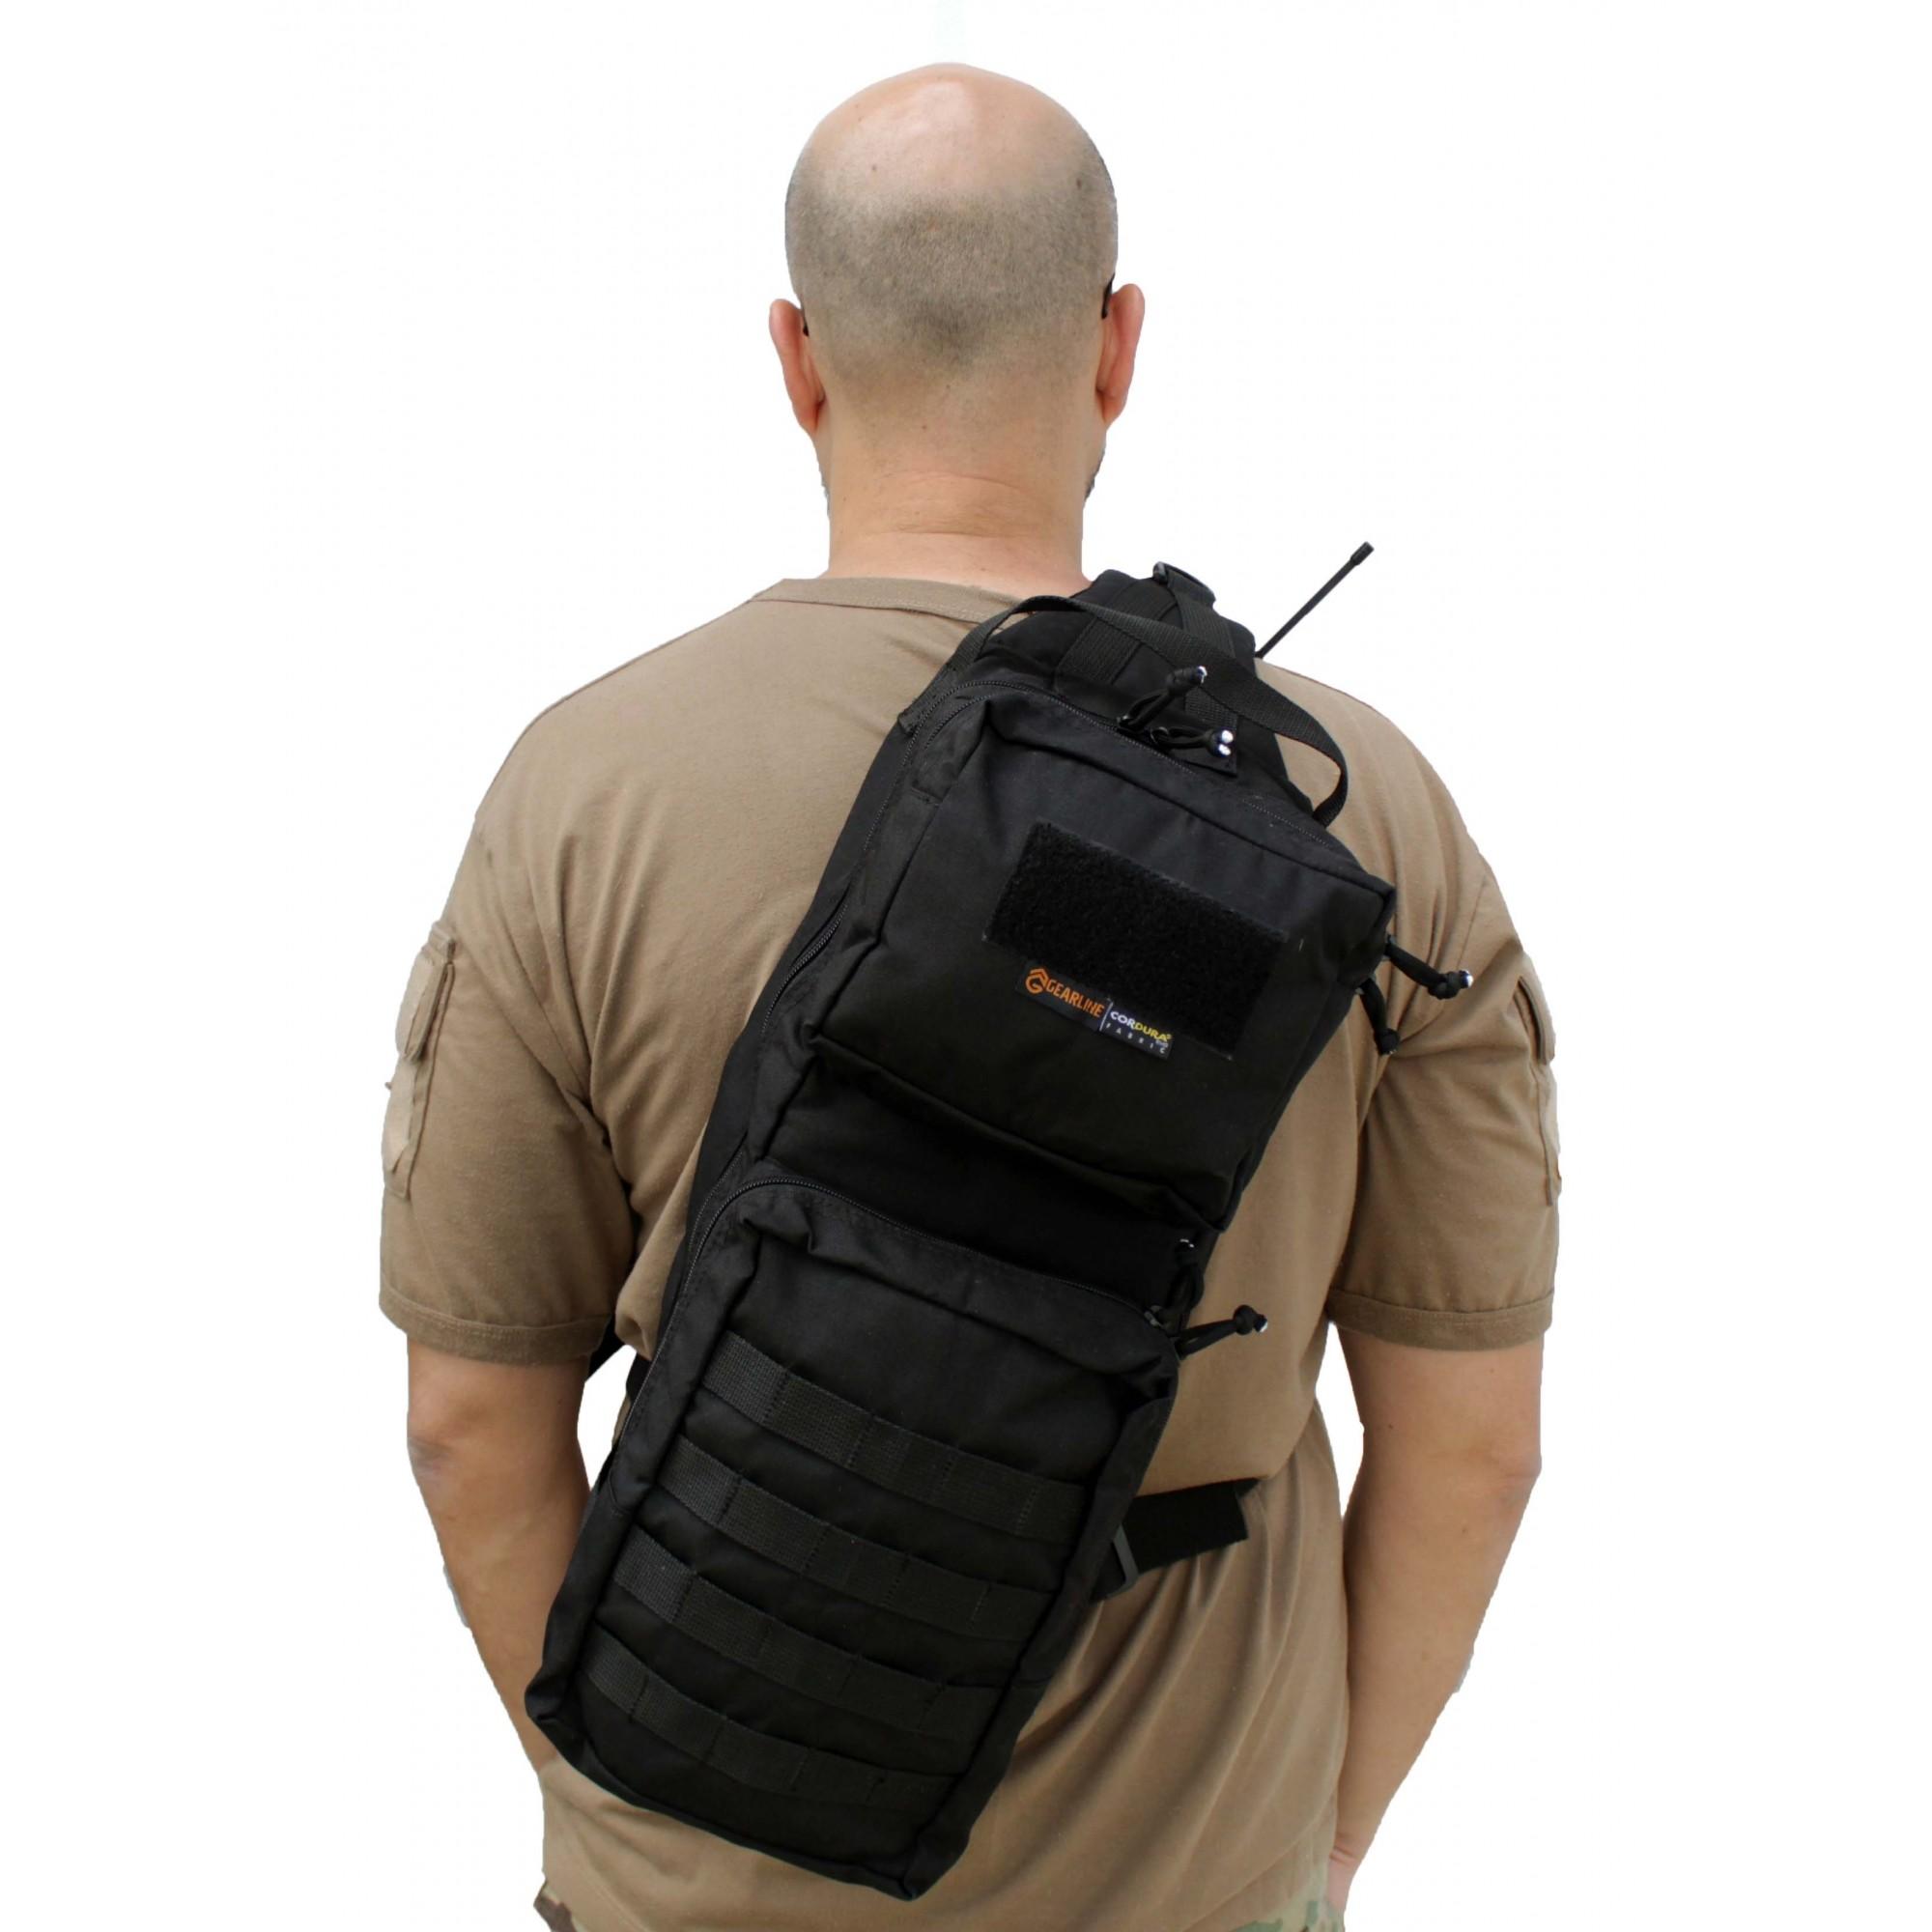 Mochila Tática Militar em cordura Go-Bag T2 Preta PDW